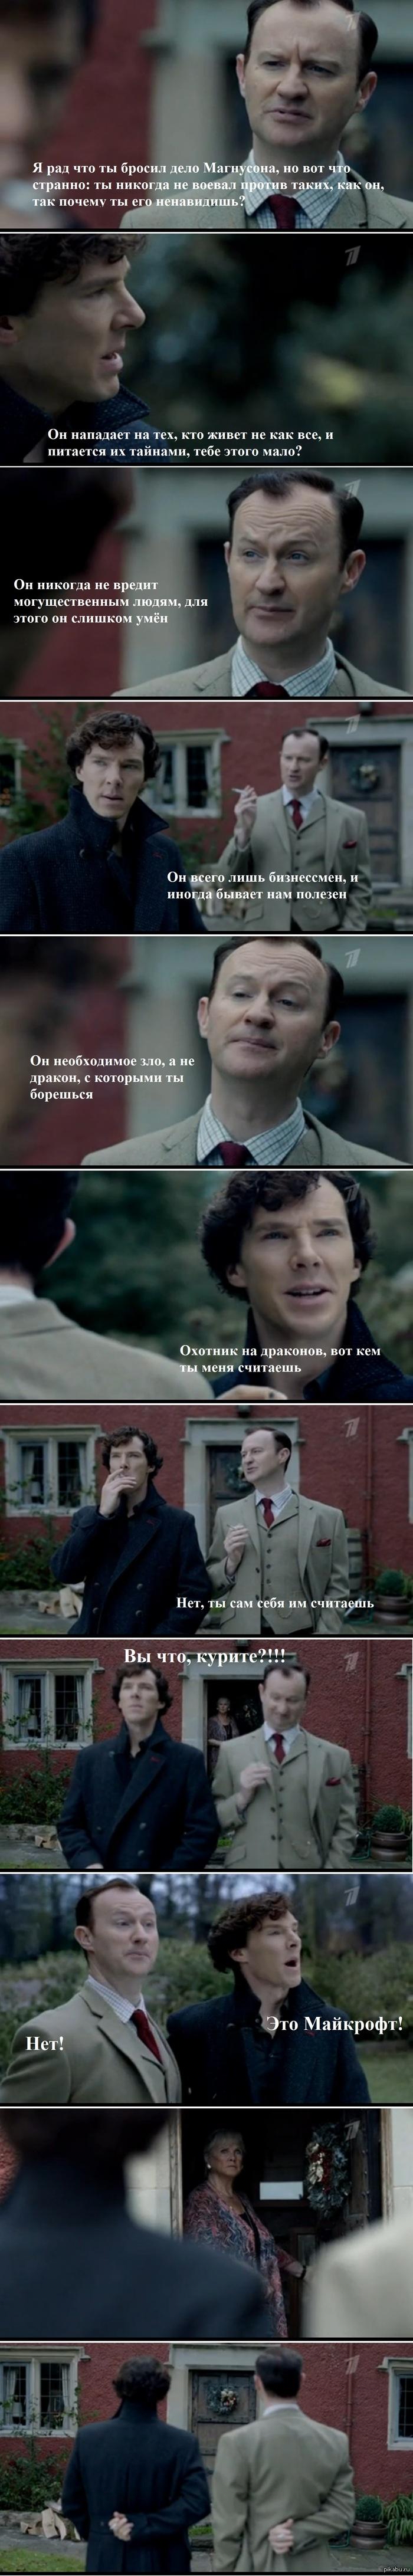 Ох уж эти Холмсы Не очень длинный длиннопост с неожиданной развязкой